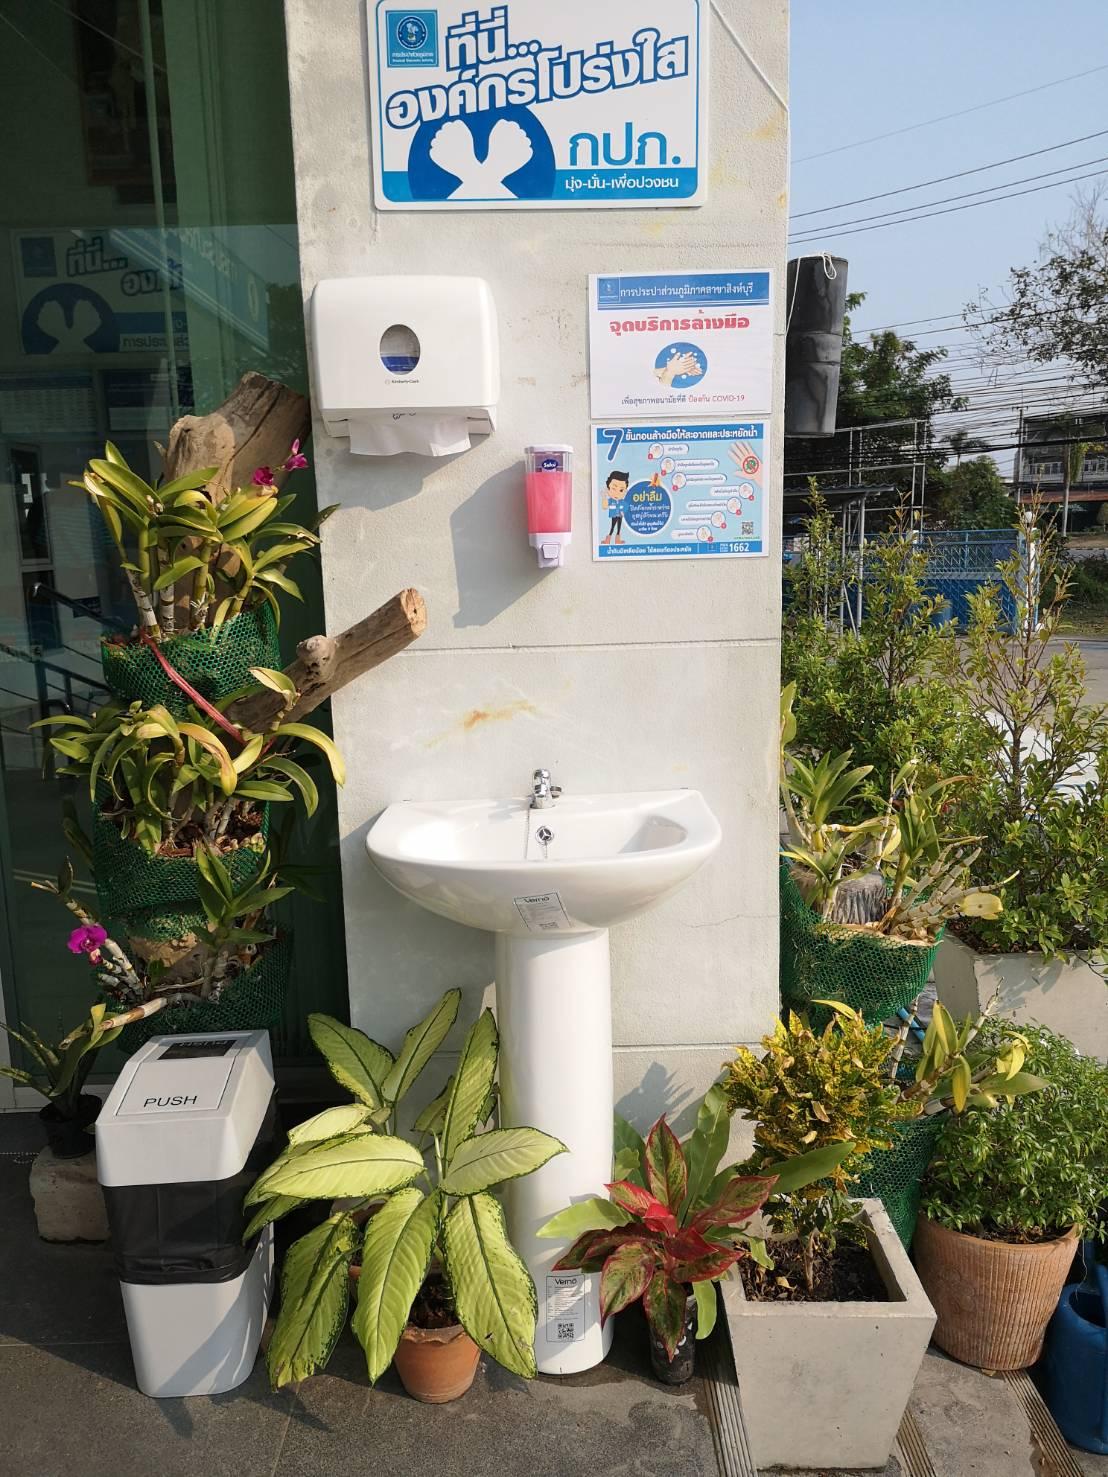 กปภ.สาขาสิงห์บุรี บริการอ่างล้างมือและแอลกอฮอล์เจล เพื่อลดความเสี่ยงจากไวรัส Covid-2019